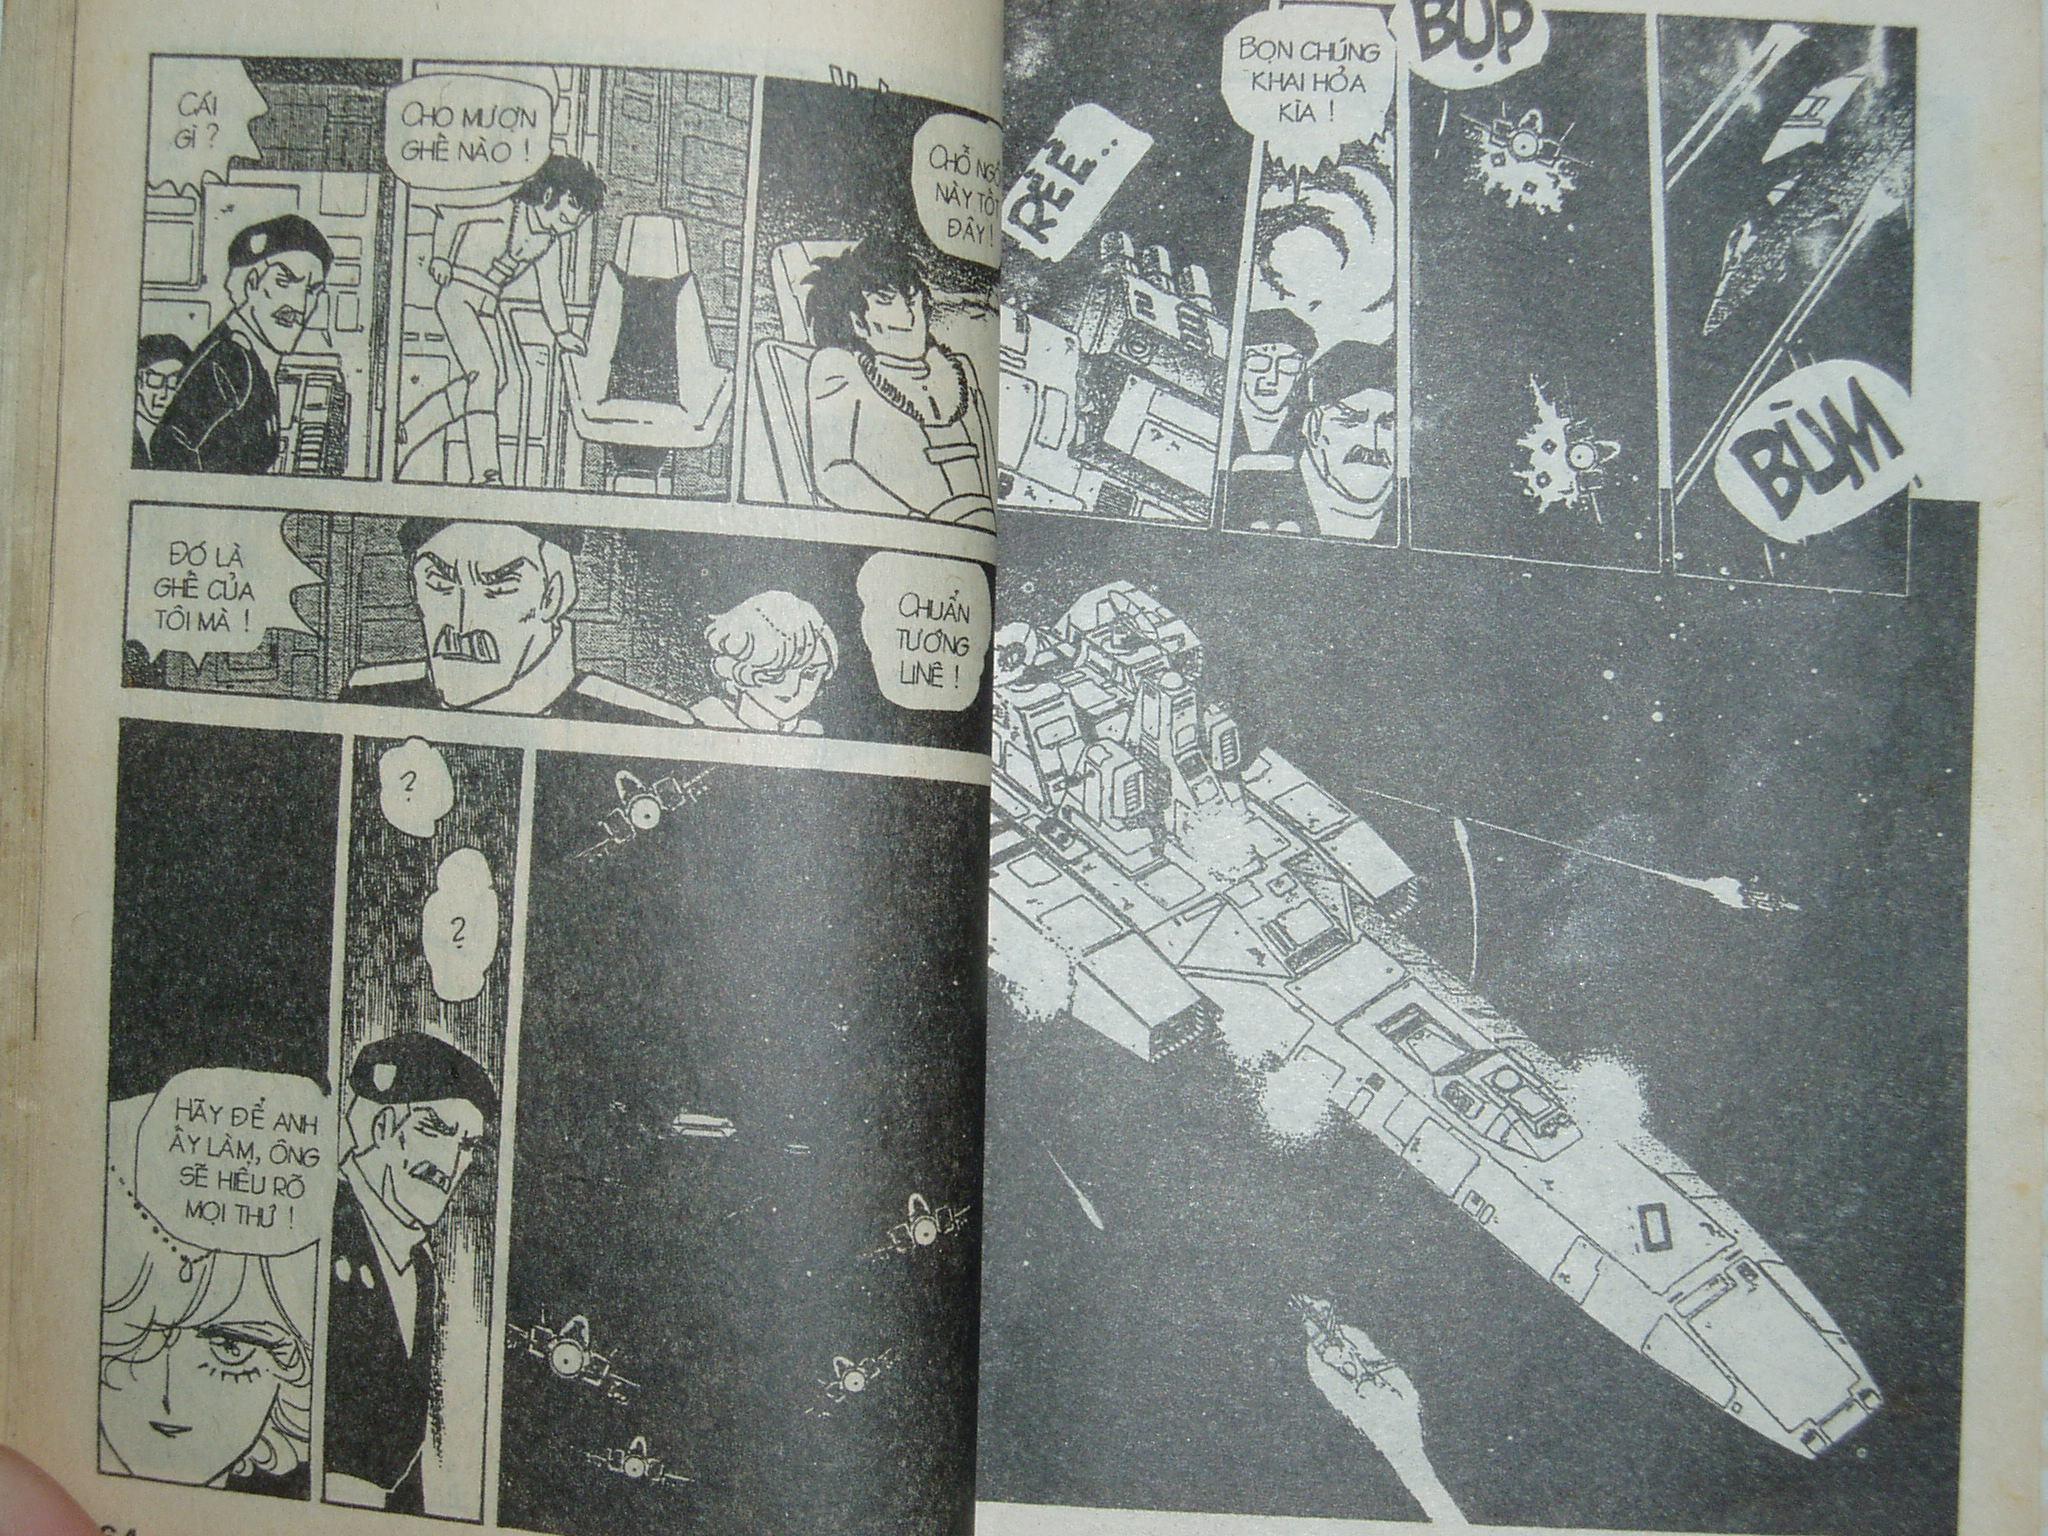 Siêu nhân Locke vol 17 trang 31